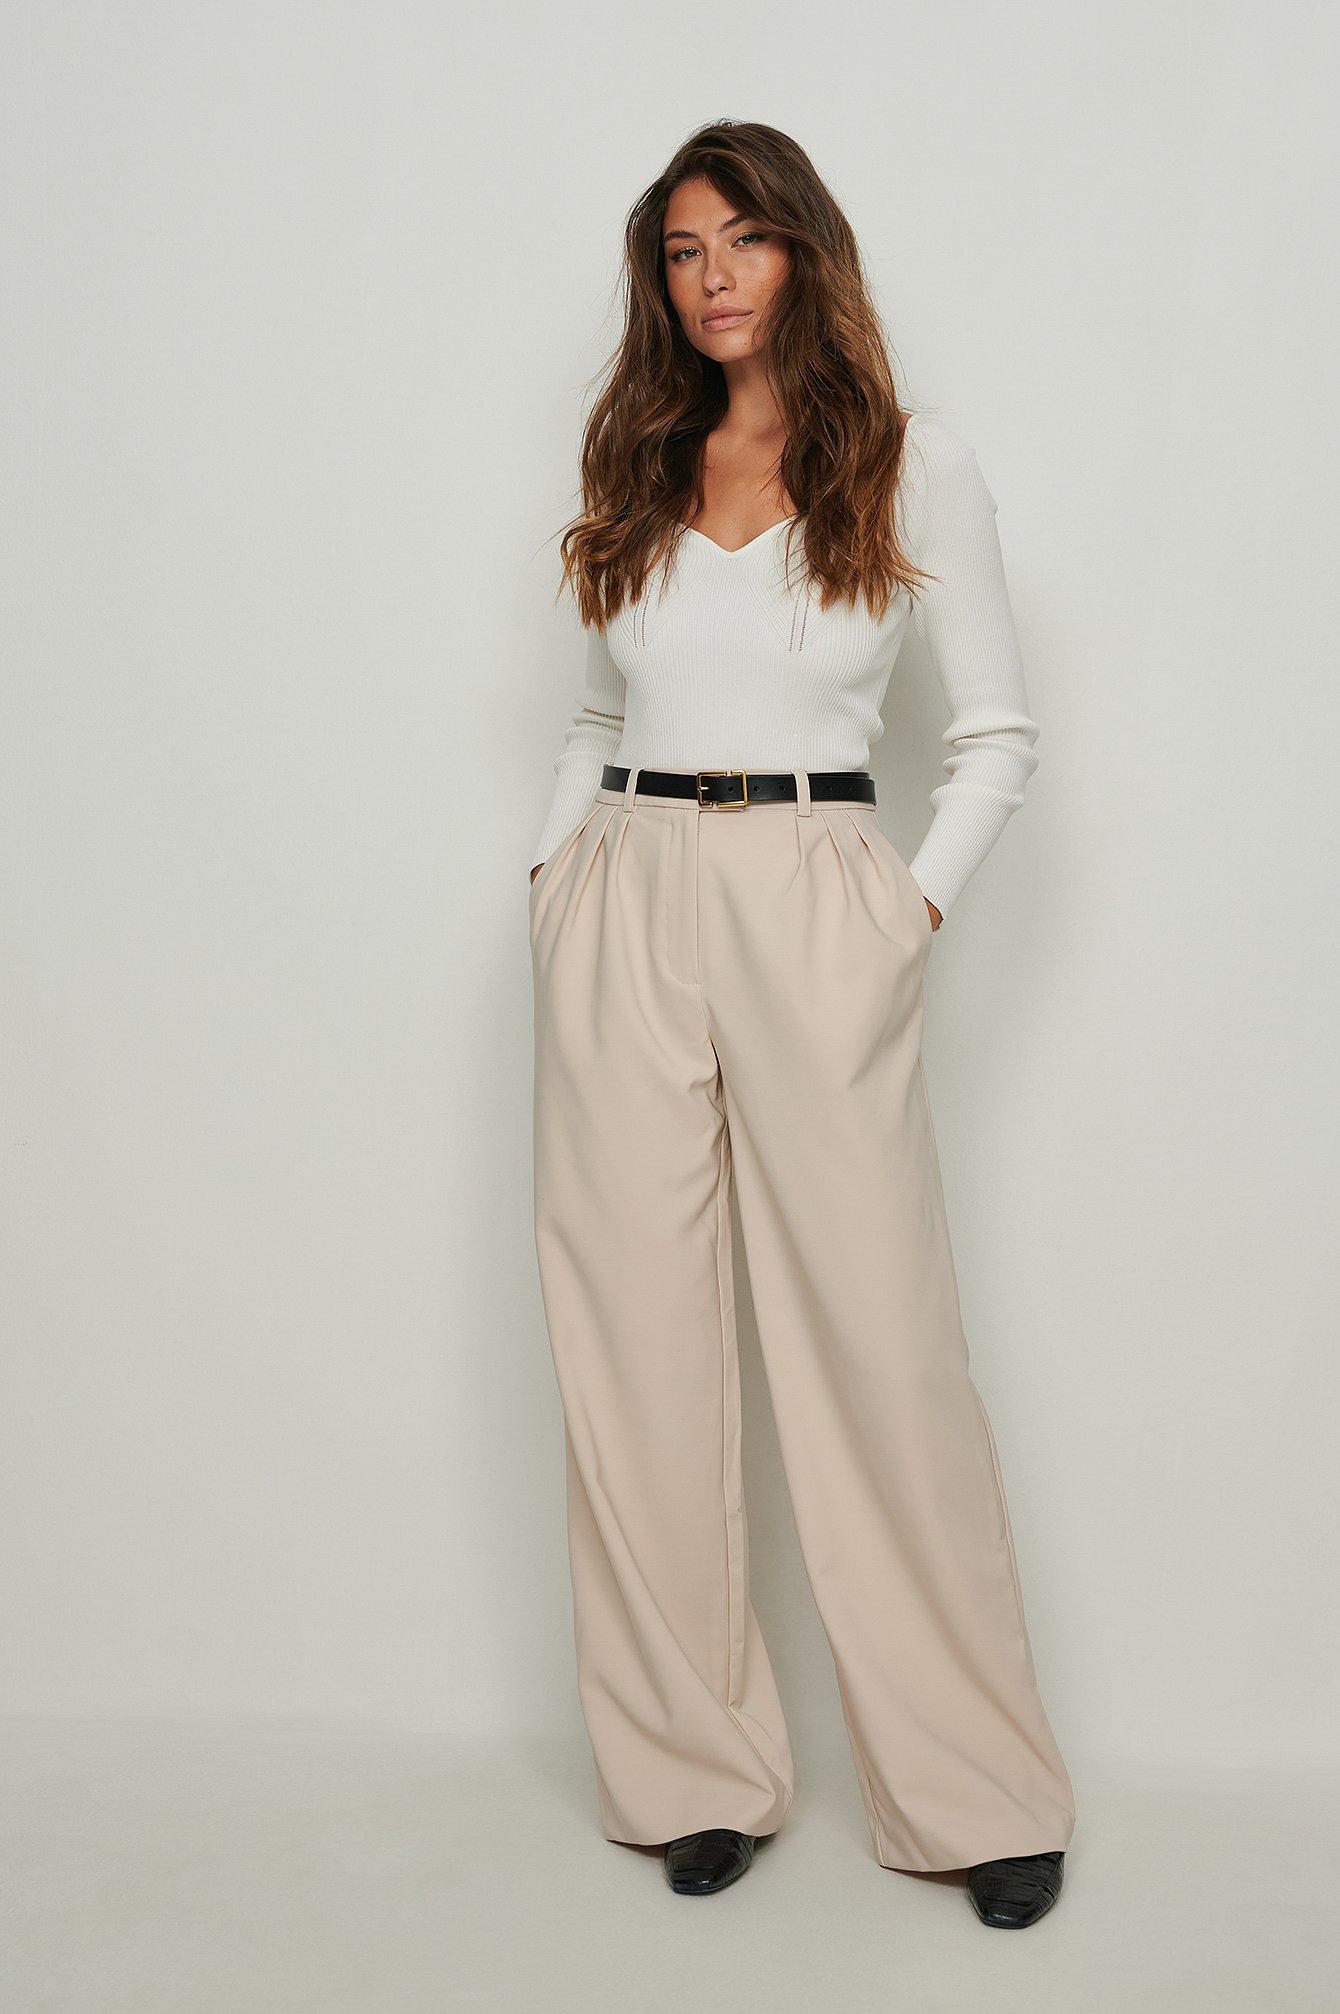 na-kd trend -  Recycelte Plissierte Anzughose Mit Weiten Beinen - Beige